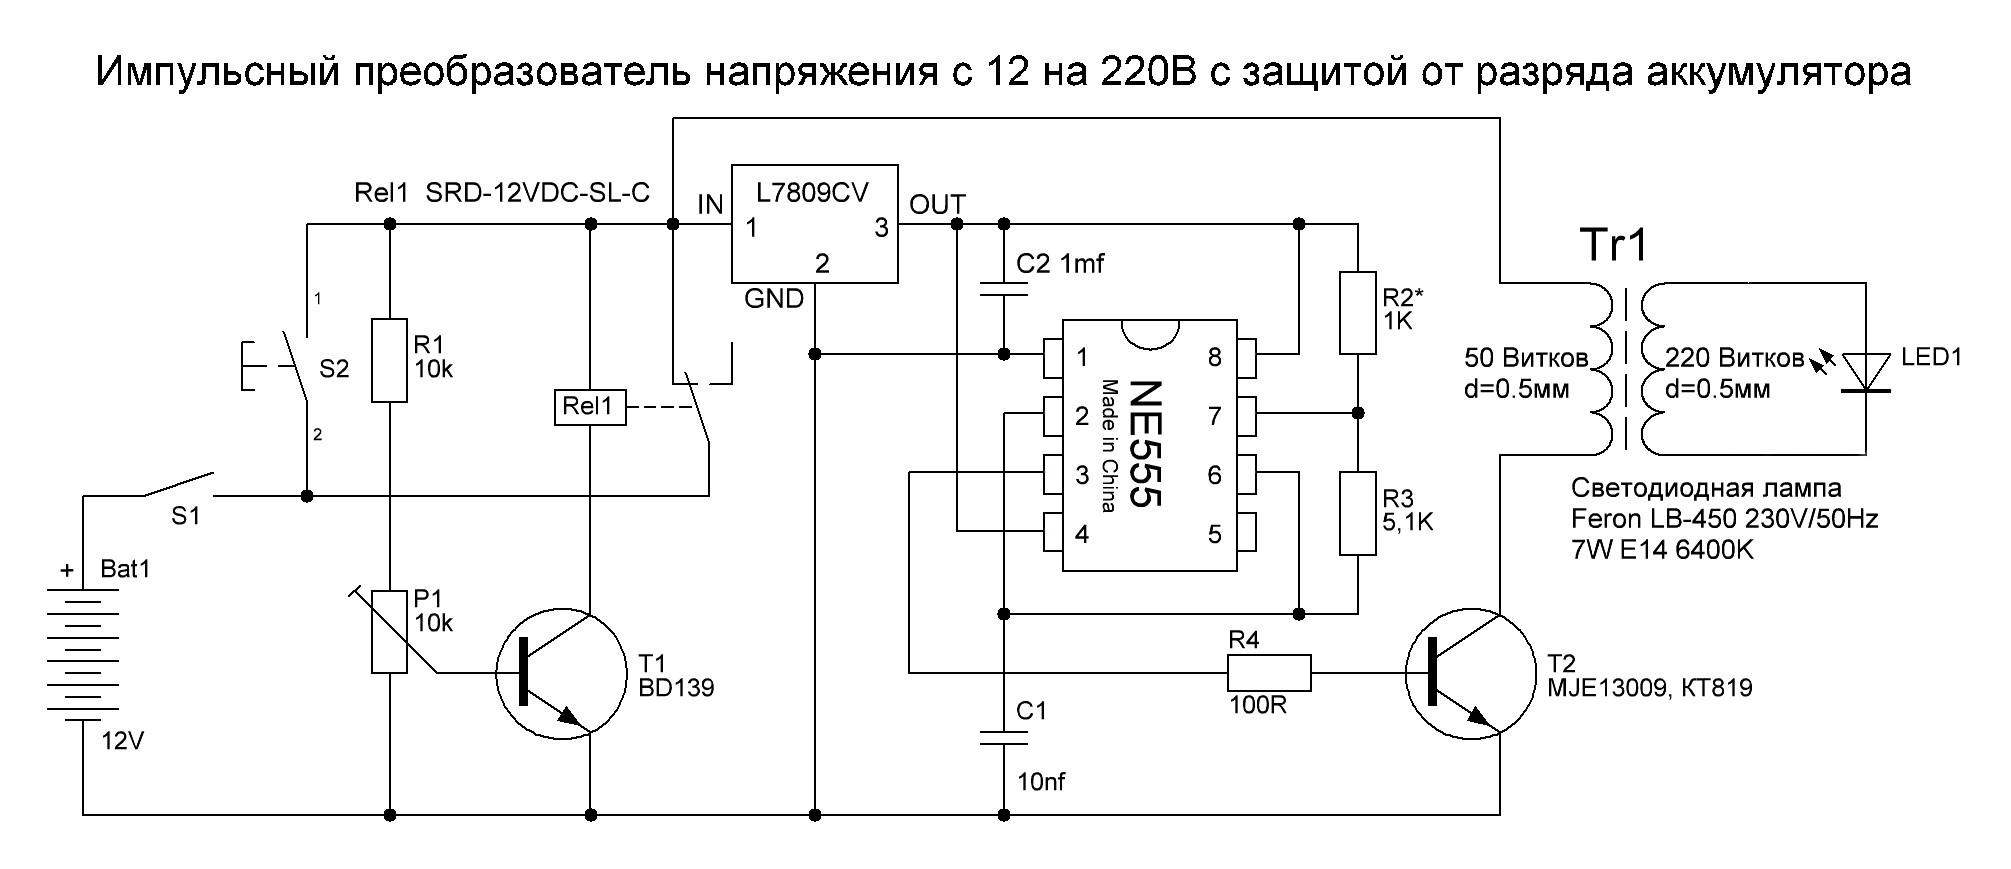 Импульсный преобразователь напряжения с 12 на 220В с защитой от разряда аккумулятора